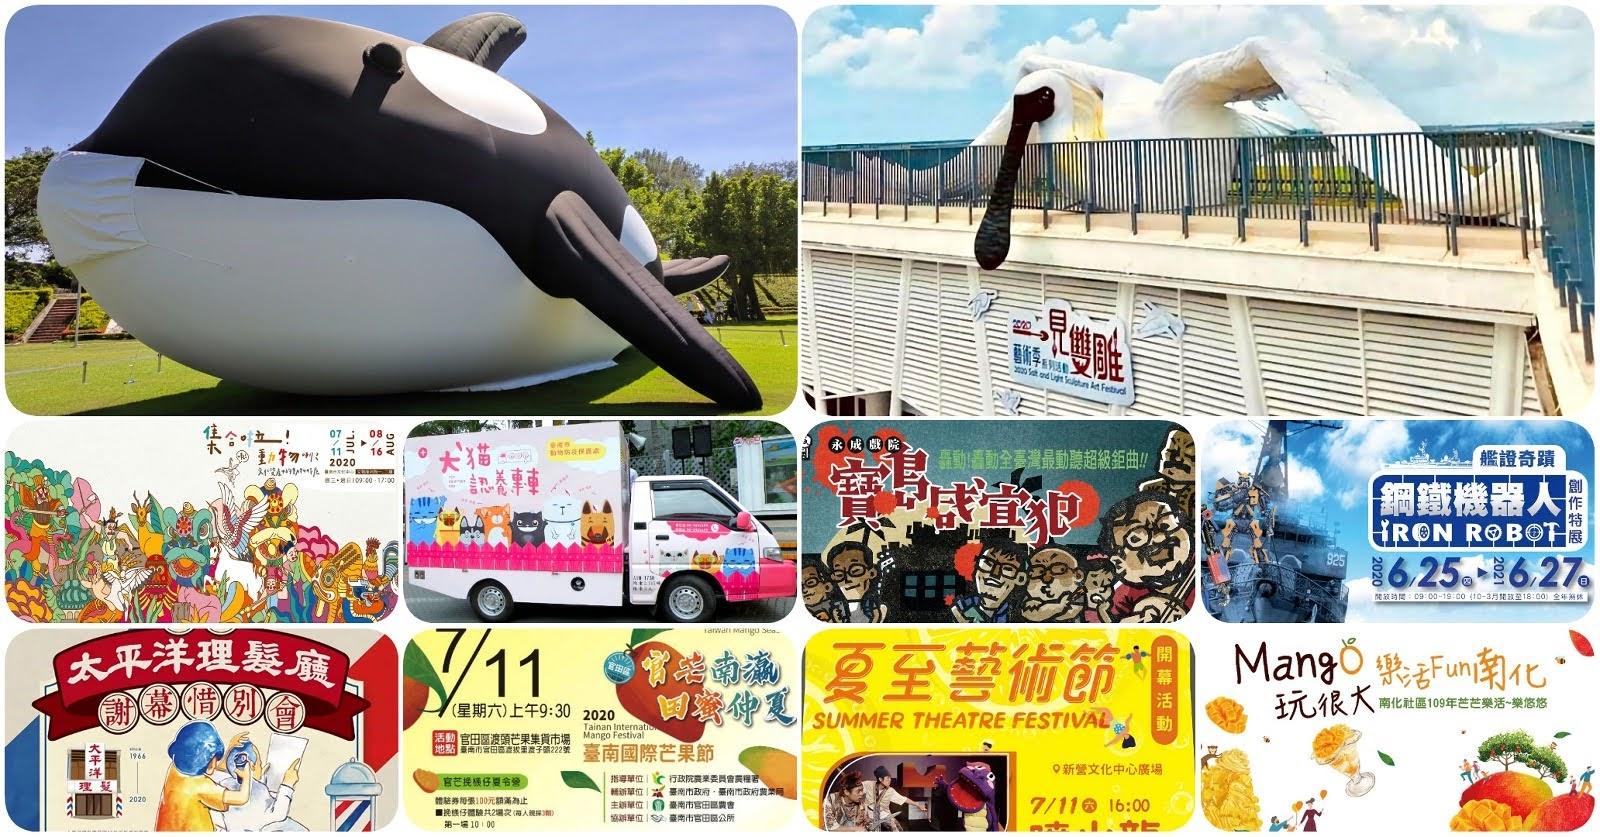 [活動] 2020/7/10-/7/12|台南週末活動整理|本週末活動數:80